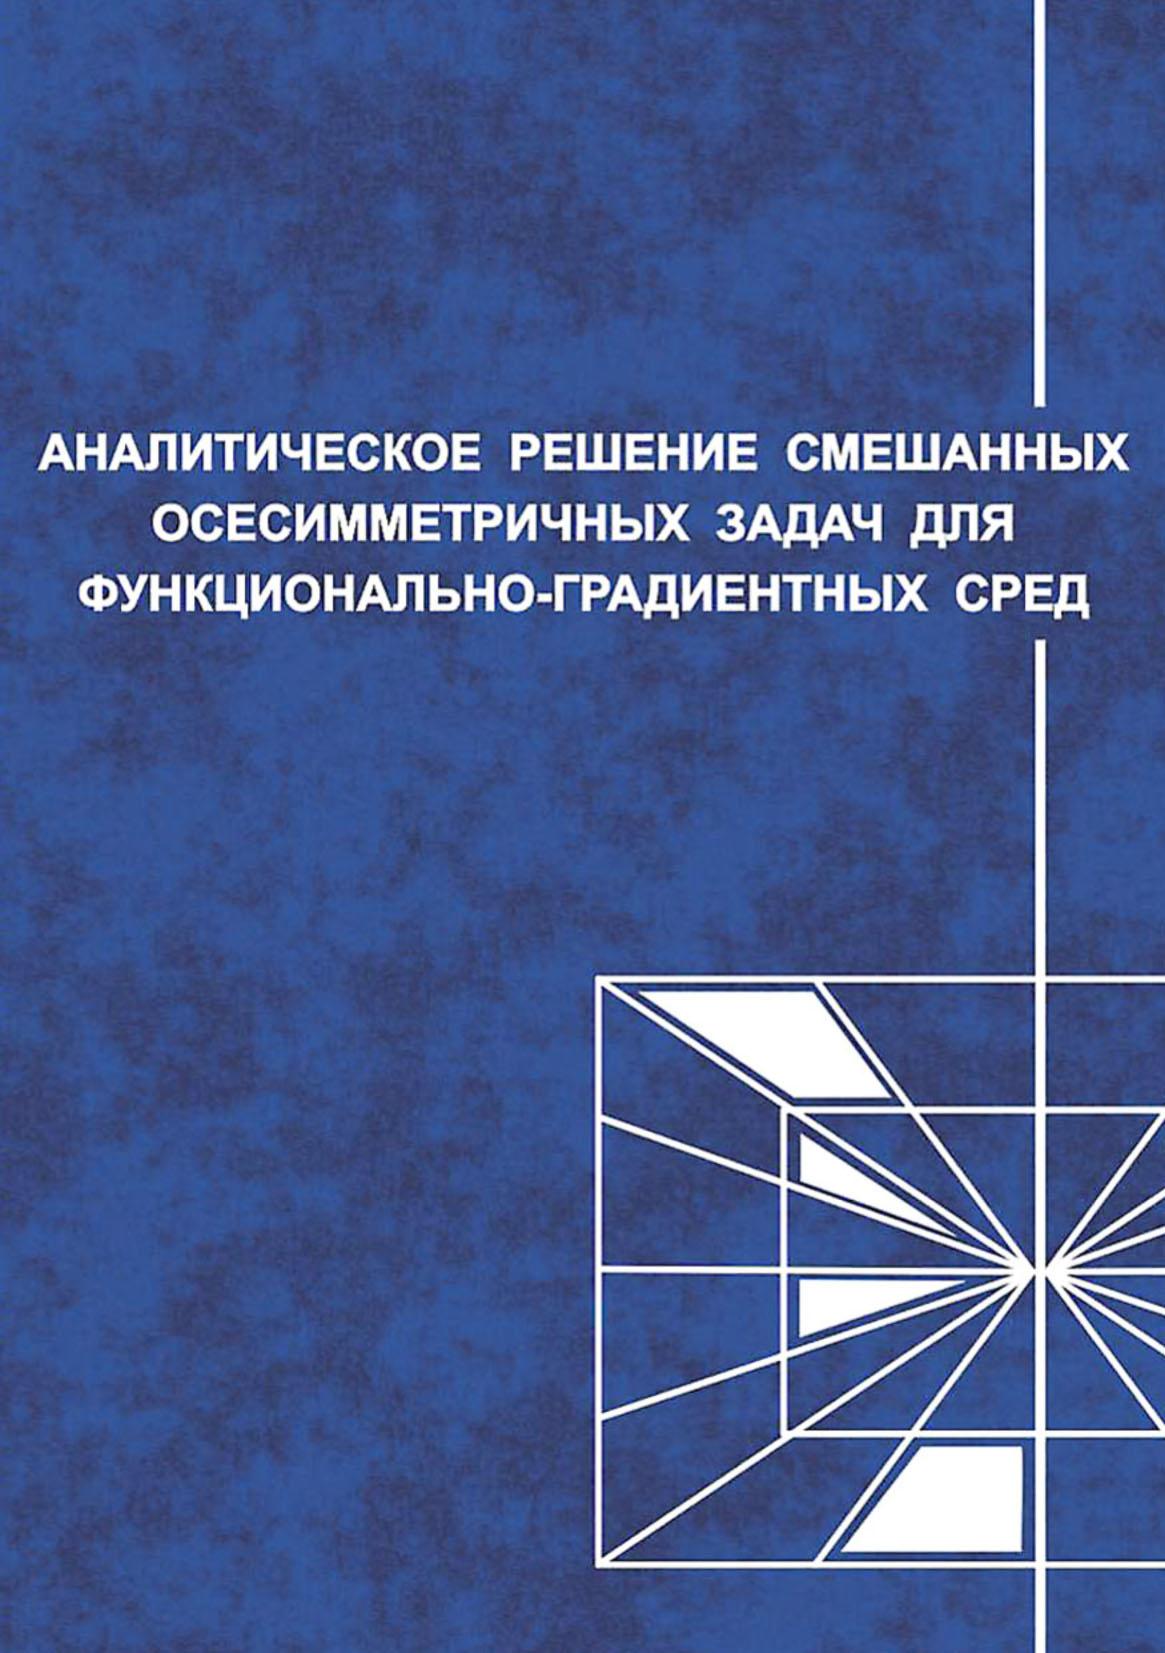 С. М. Айзикович Аналитические решения смешанных осесимметричных задач для функционально-градиентных сред